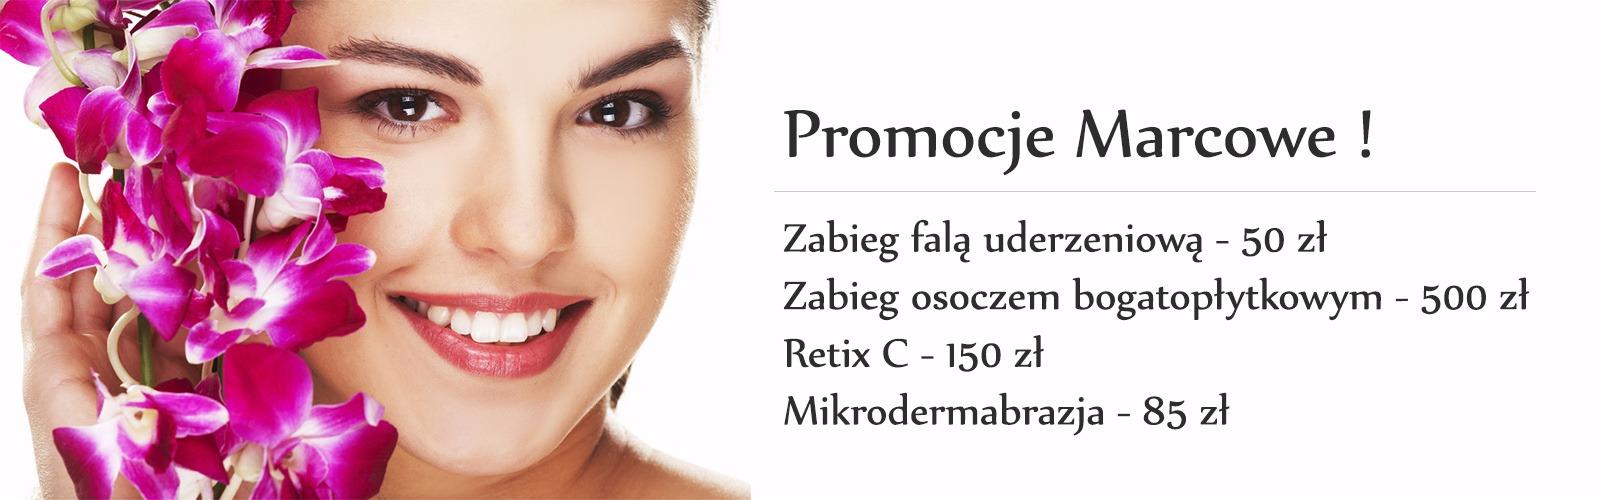 promocje-marcowe